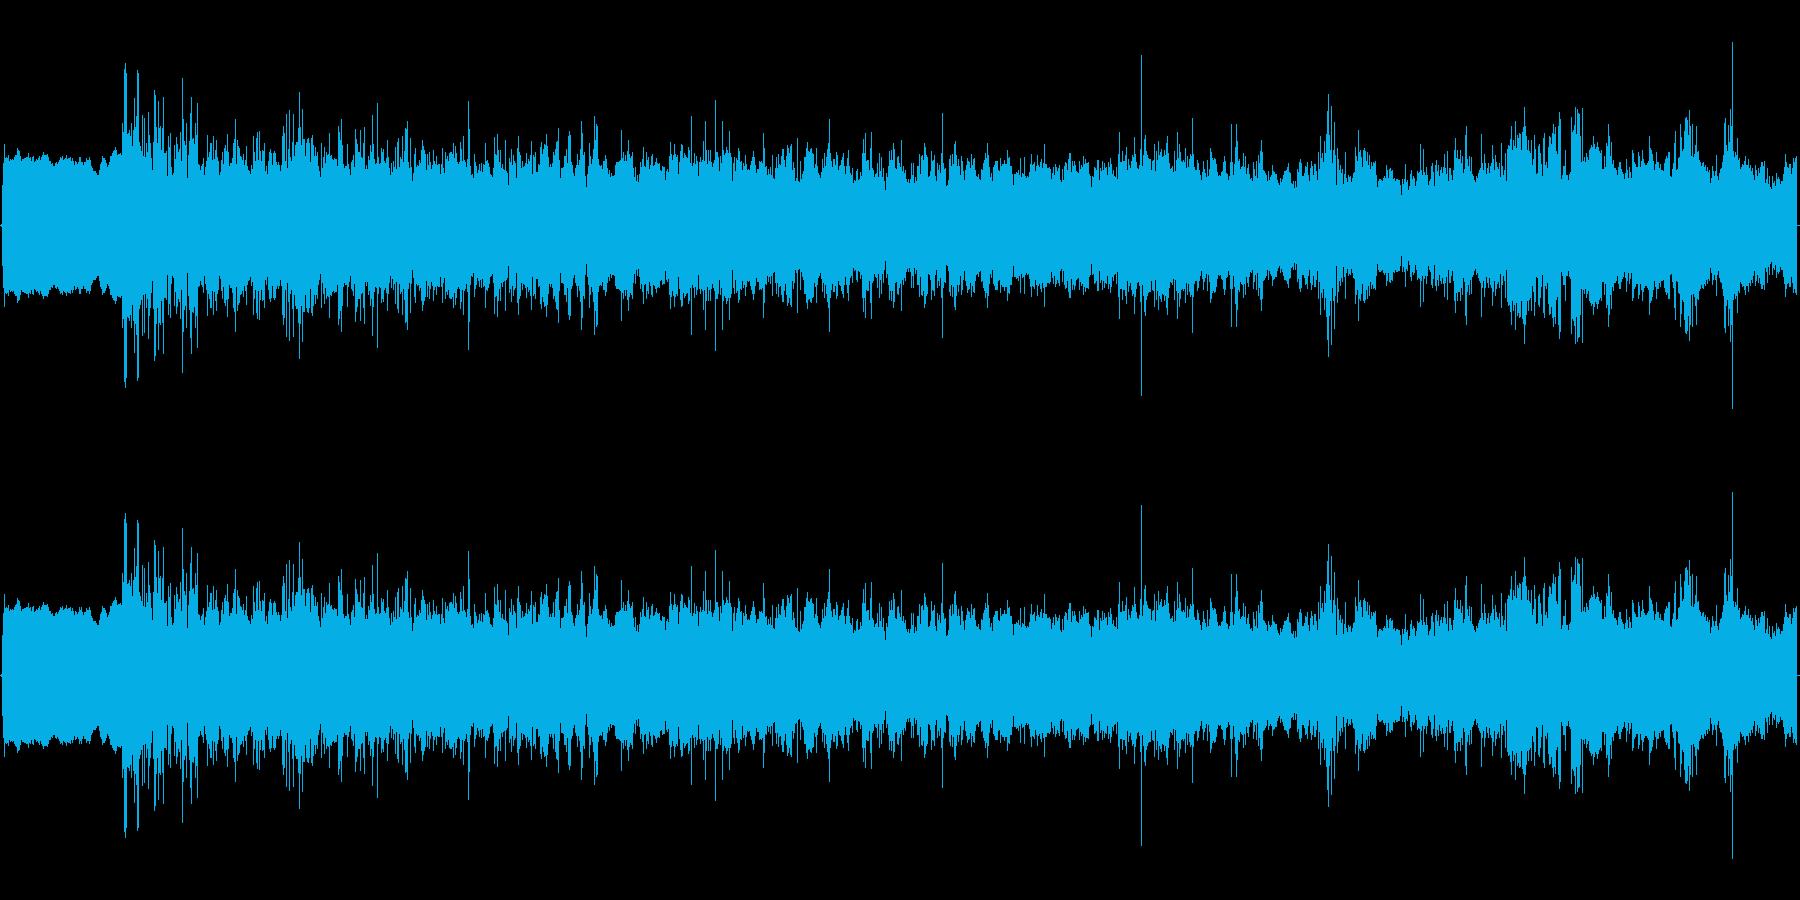 【生音】うぃーん、じりじり/シェイバー音の再生済みの波形